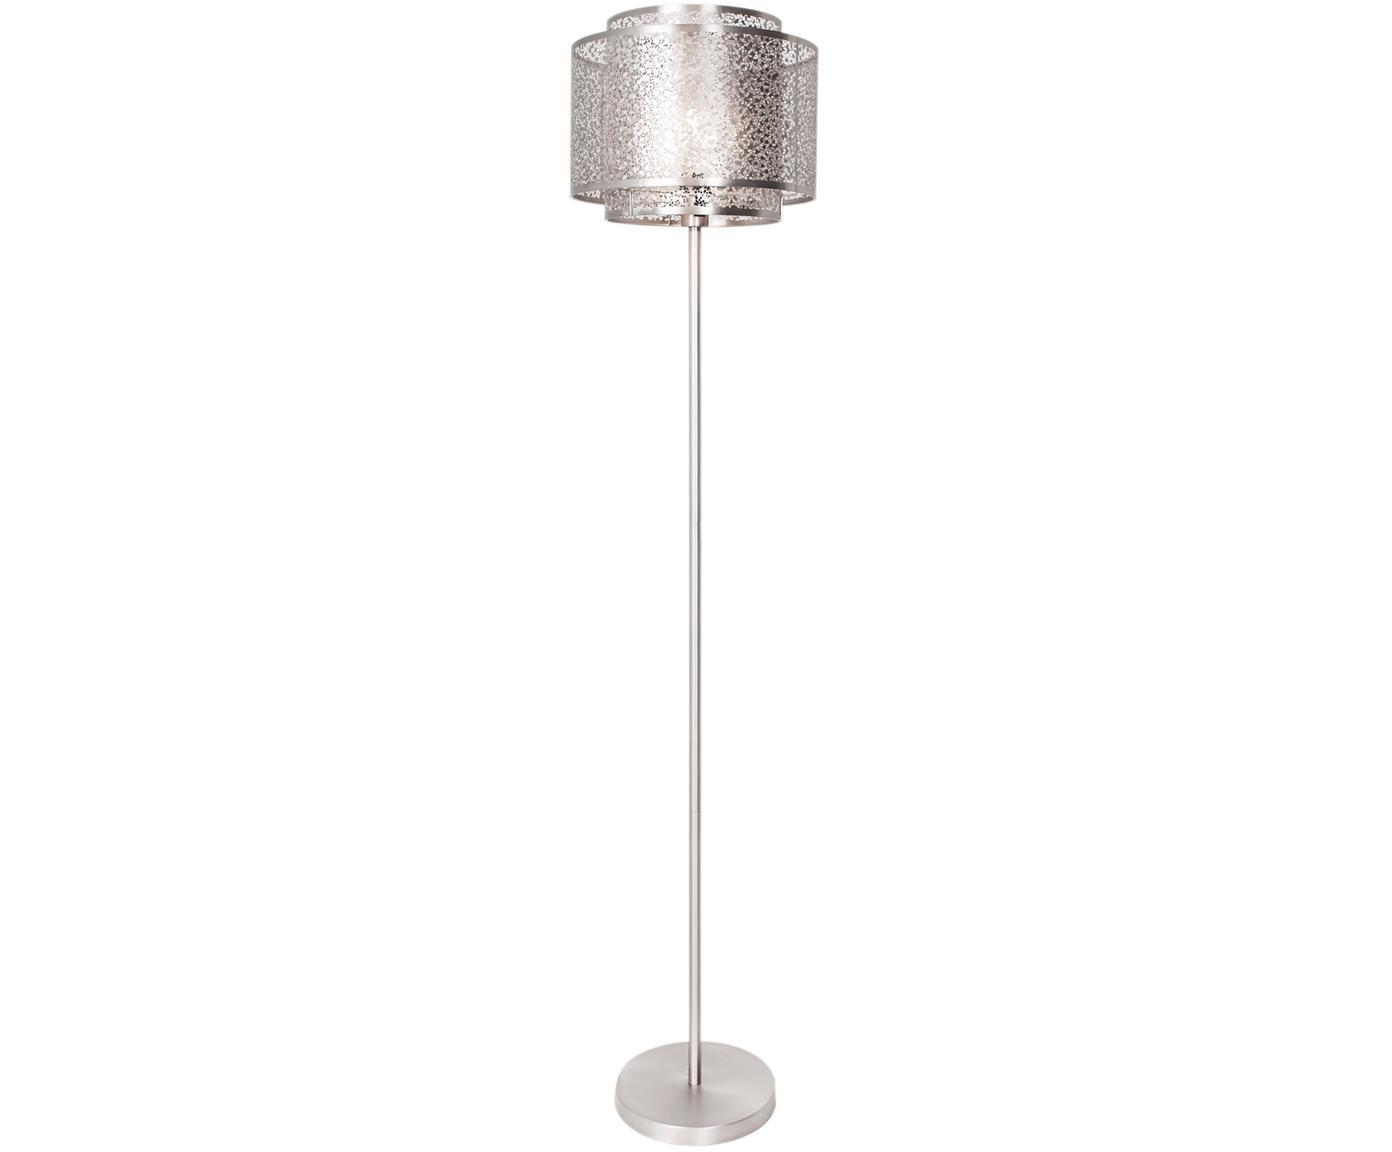 Stehlampe Mesh, Nickelfarben, Ø 34 x H 157 cm